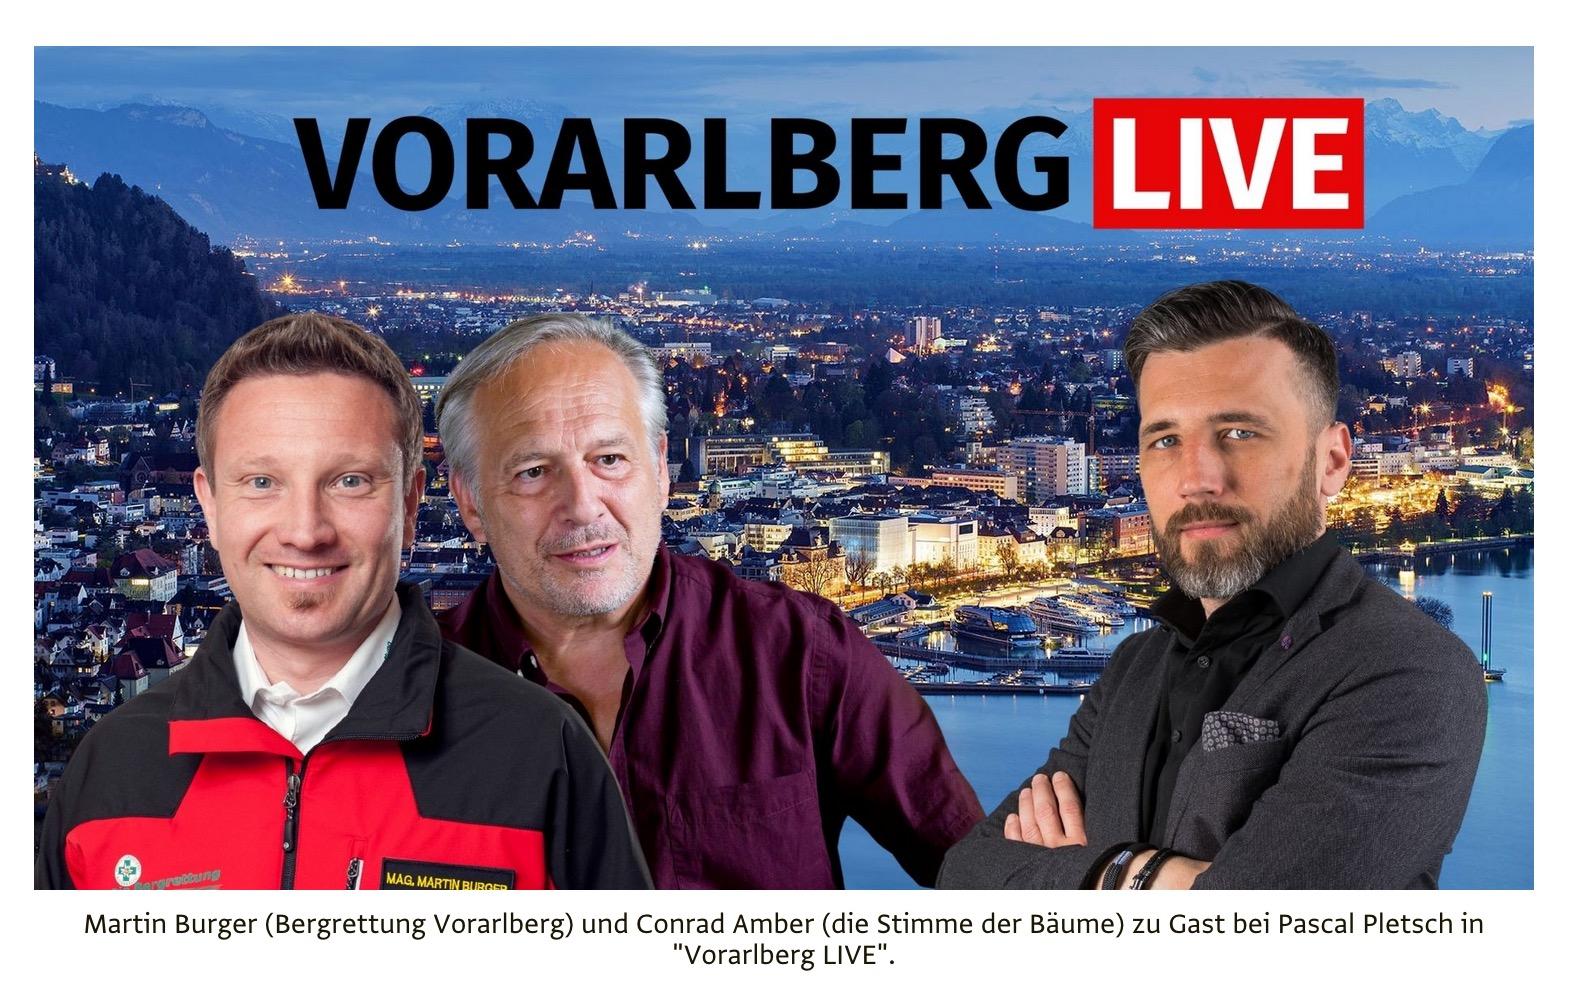 Vorarlberg-live